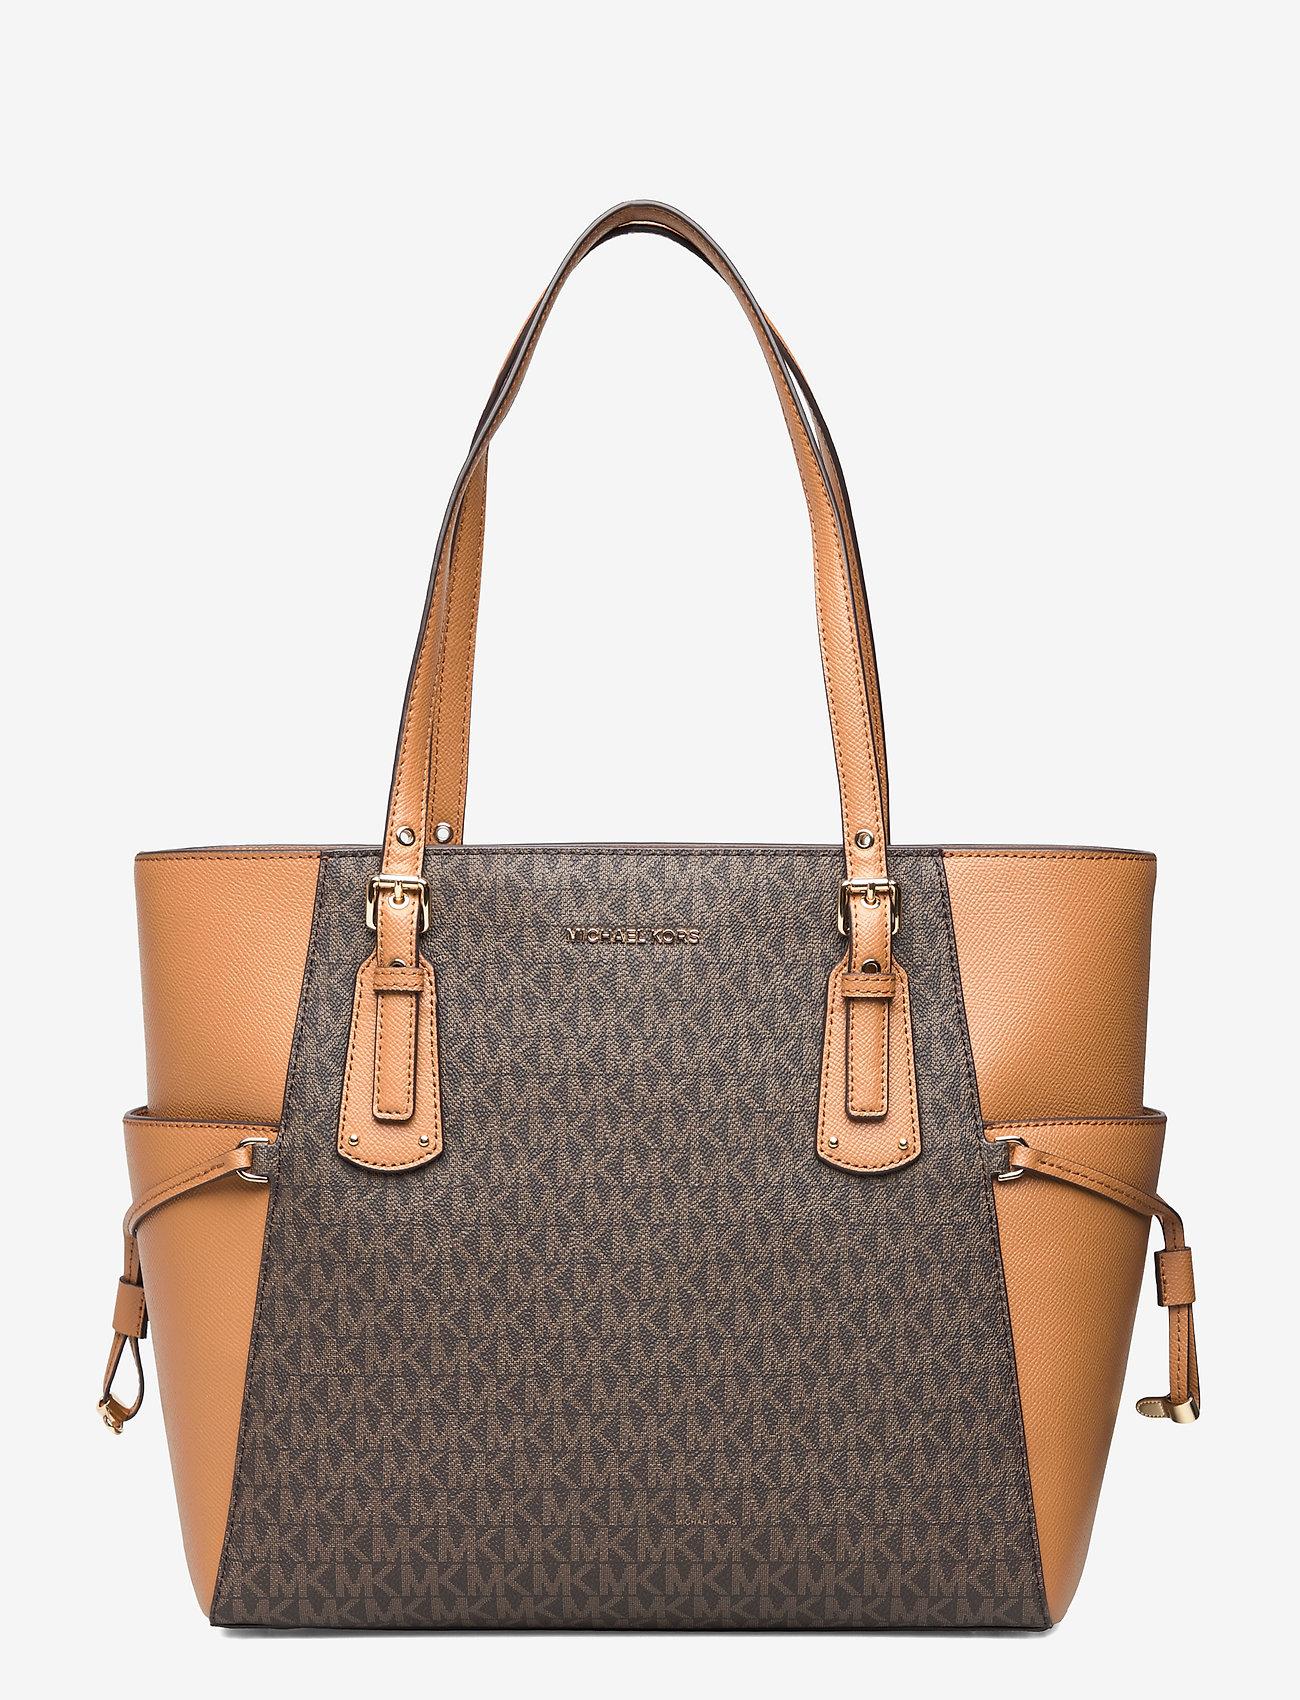 Michael Kors Bags - EW TOTE - fashion shoppers - brn/acorn